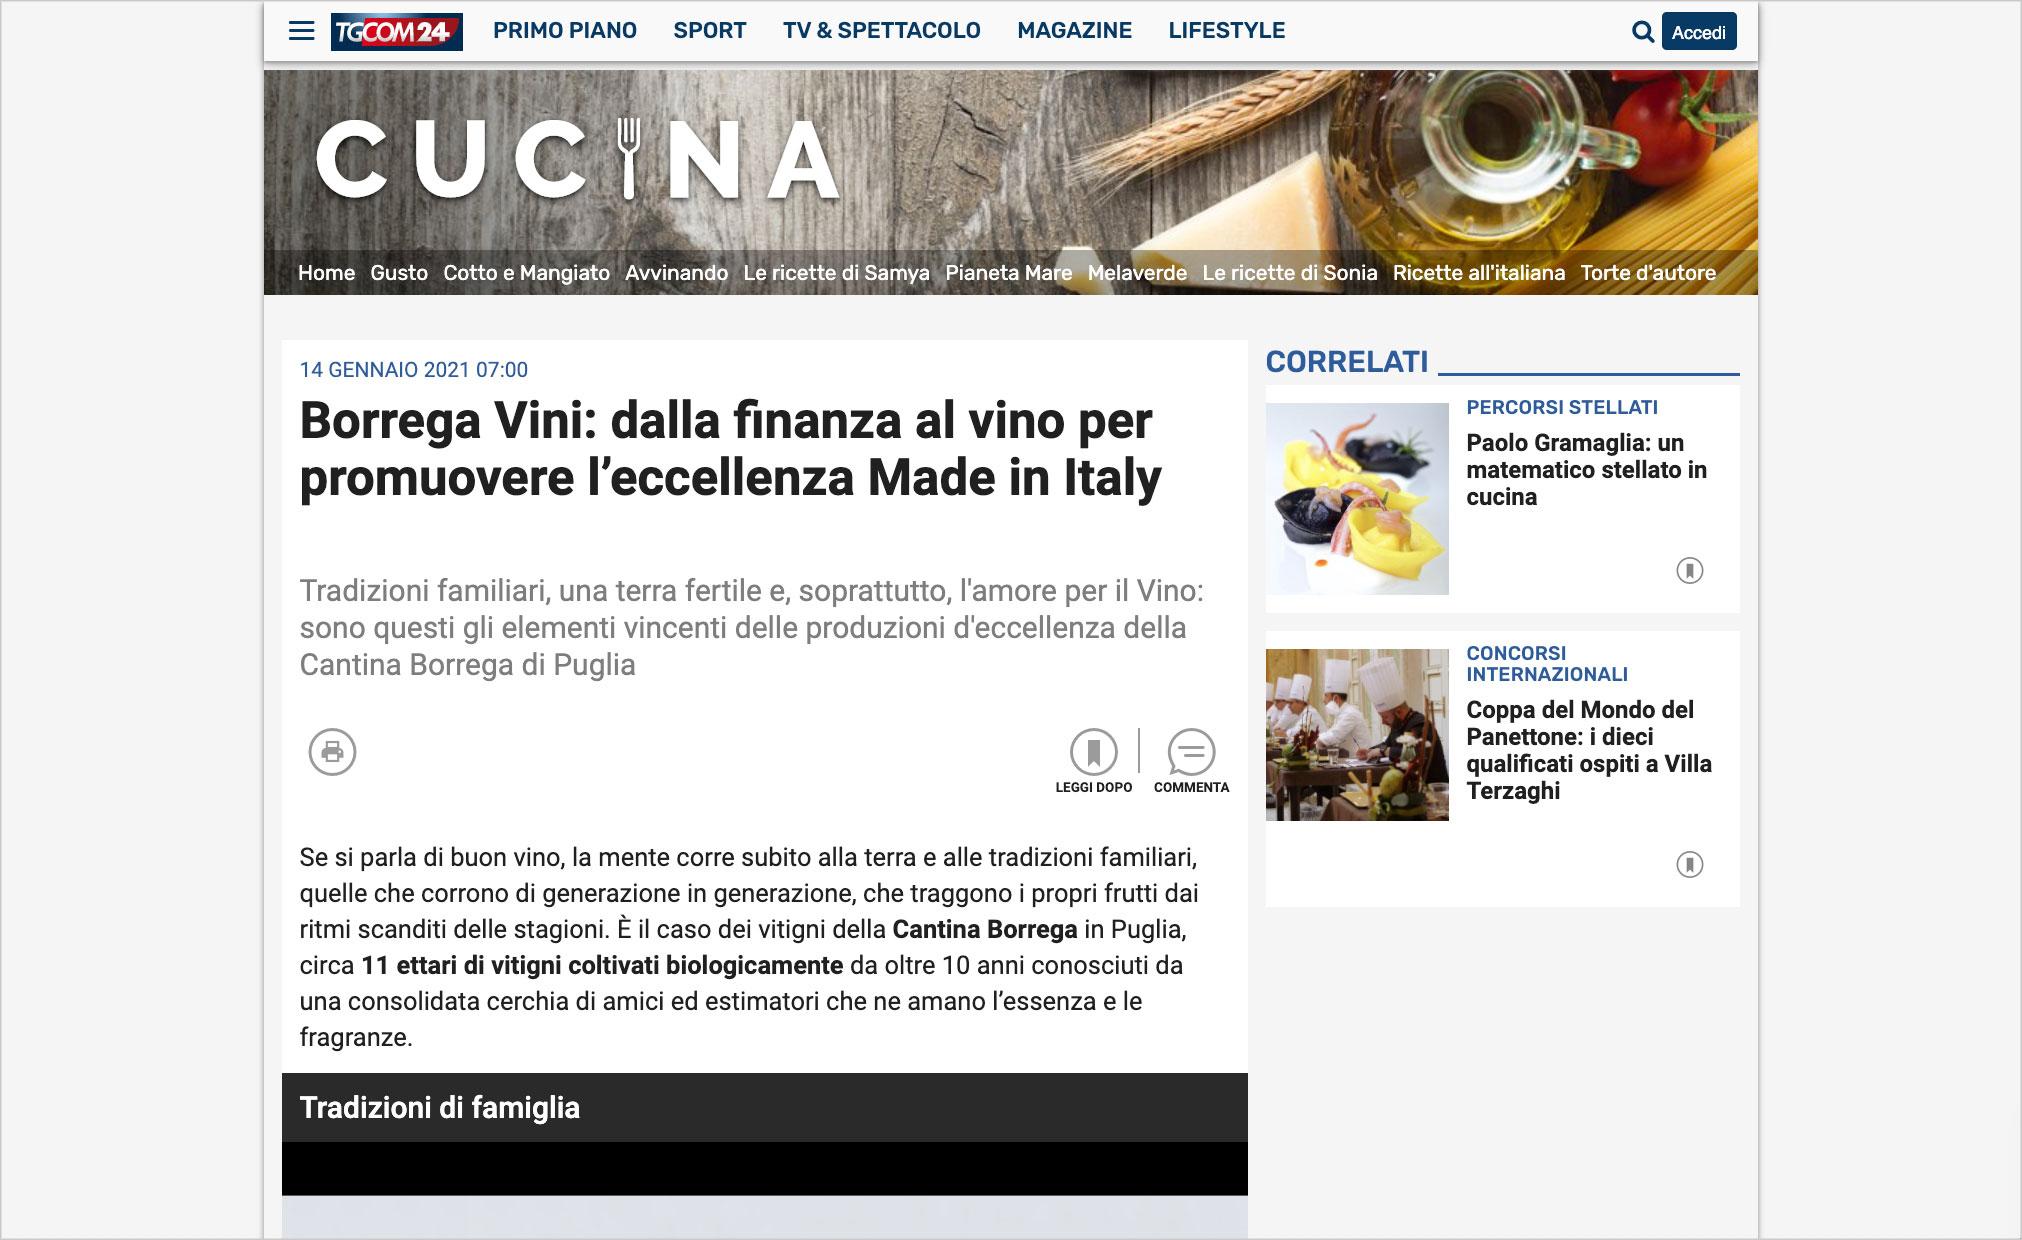 Borrega Vini: dalla finanza al vino per promuovere l'eccellenza Made in Italy